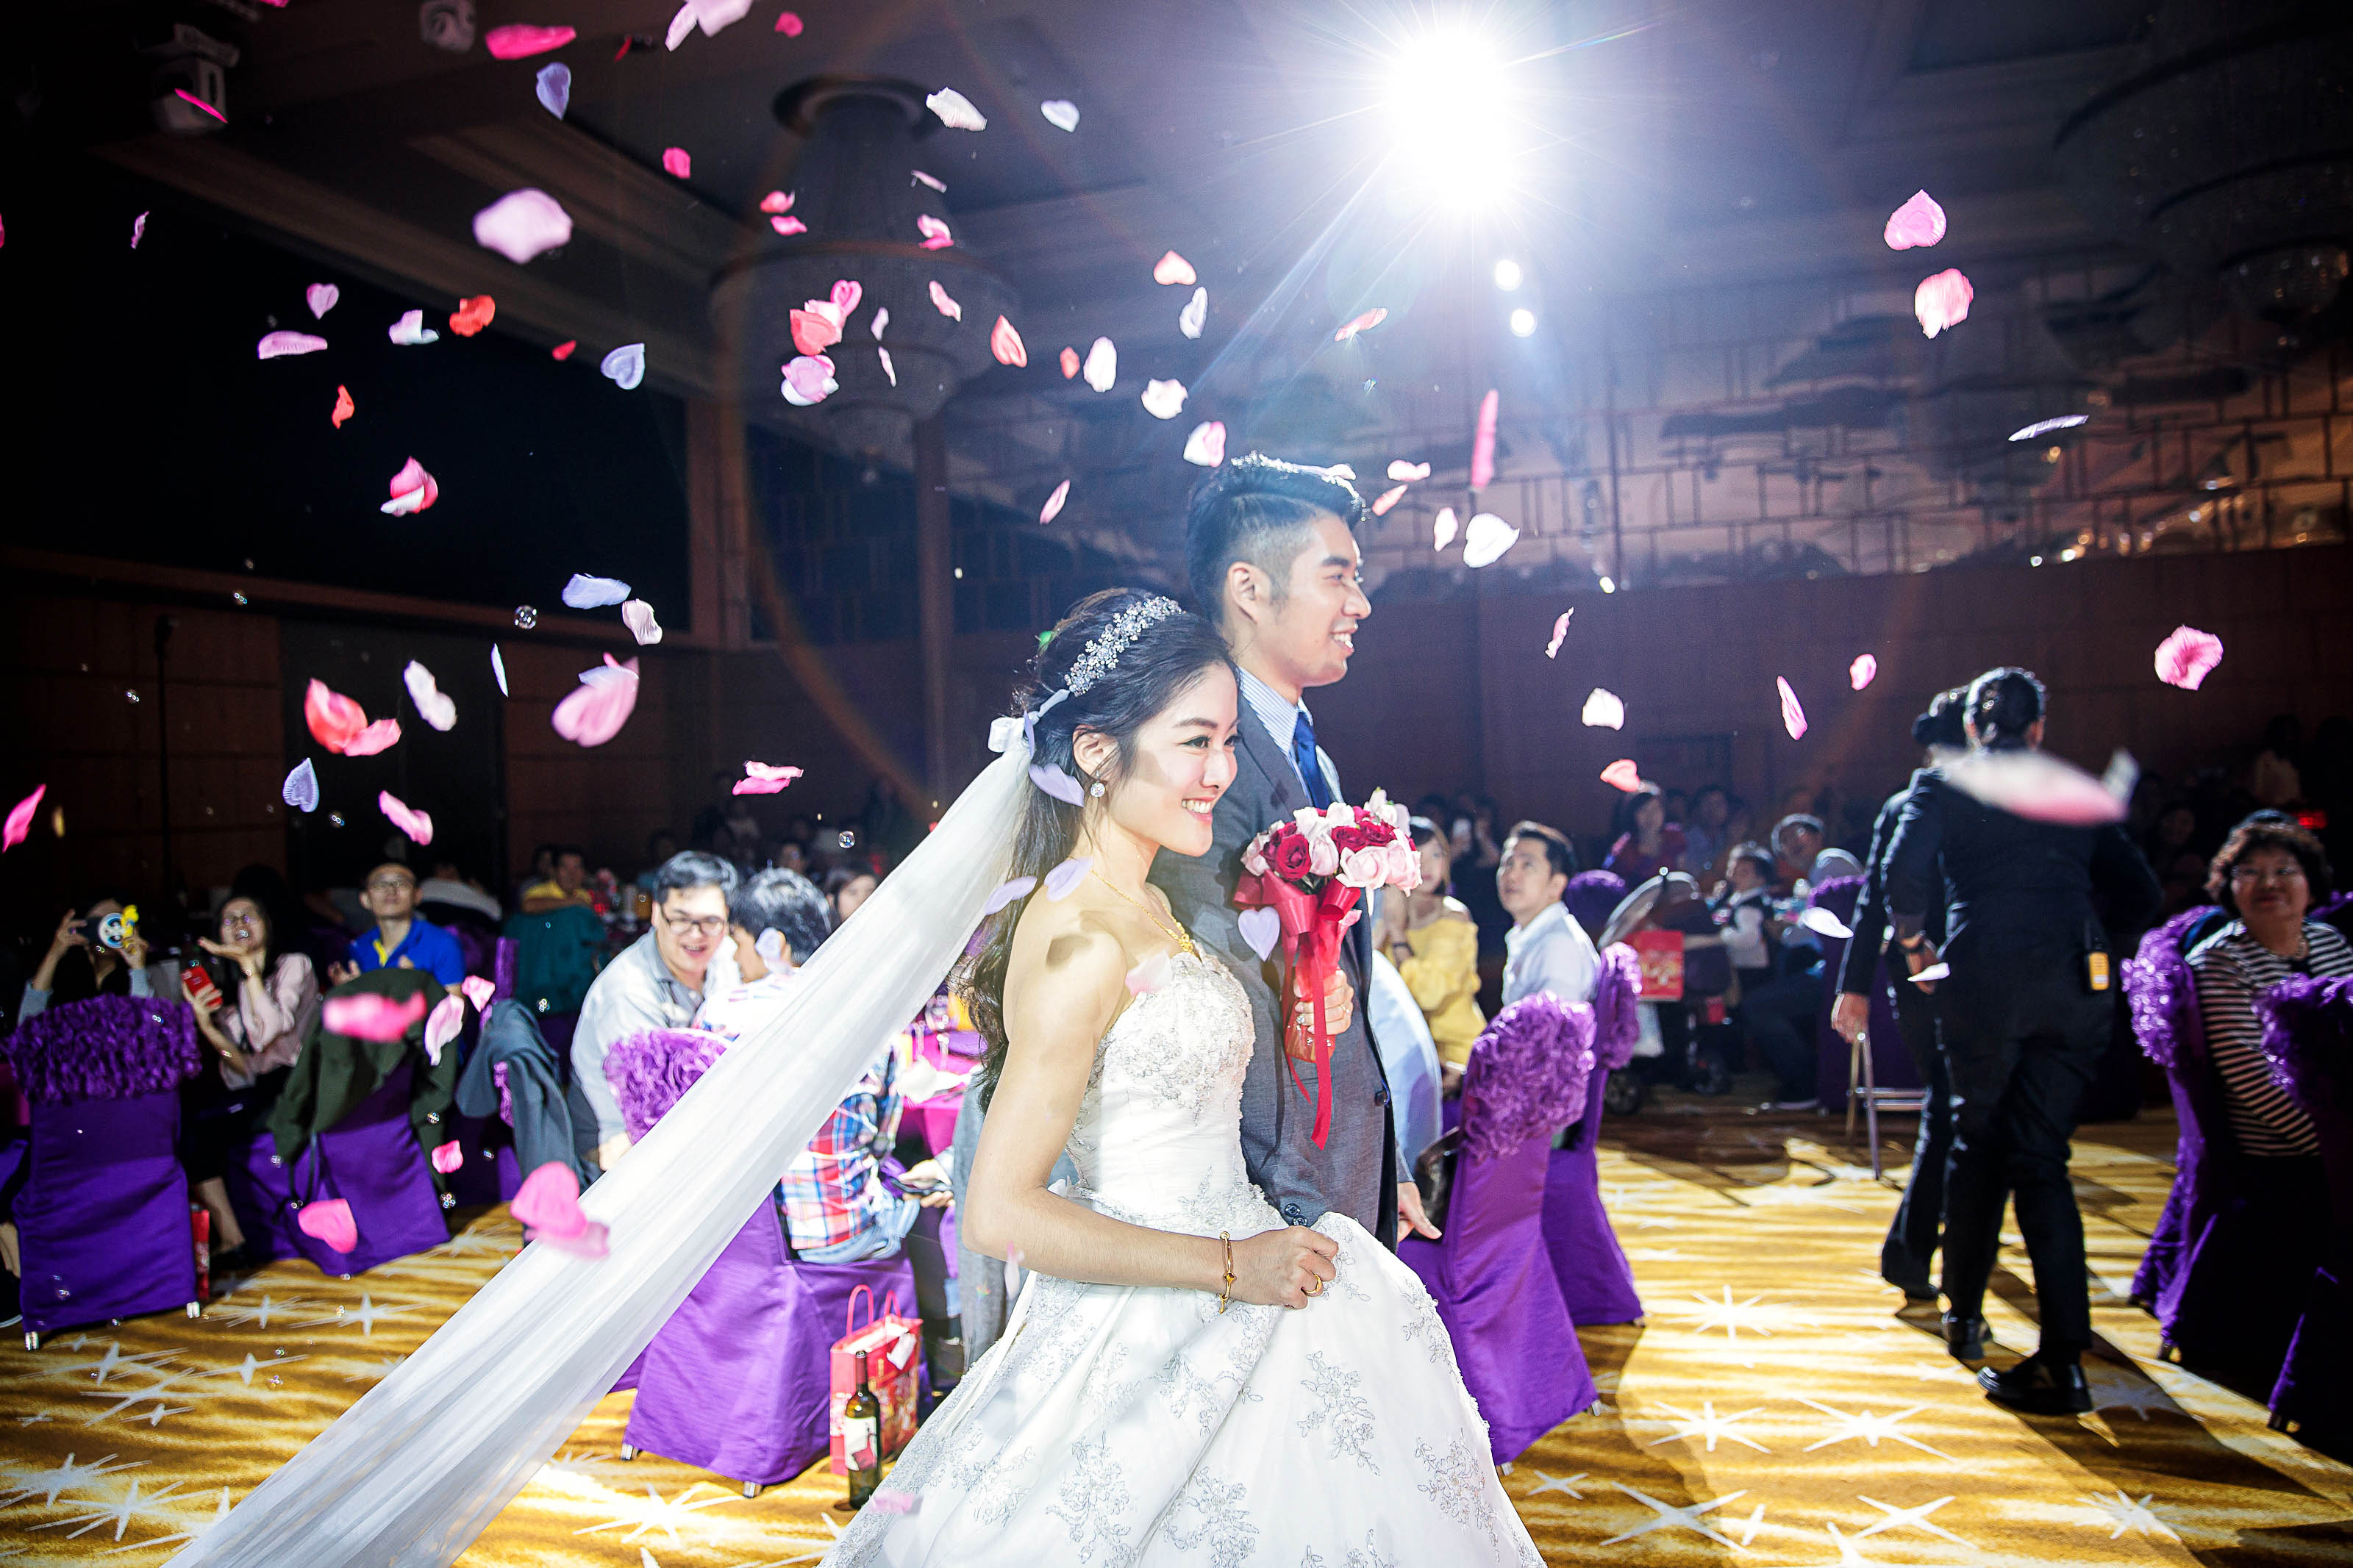 婚禮紀錄,高雄漢來,漢來飯店,婚攝,婚禮攝影